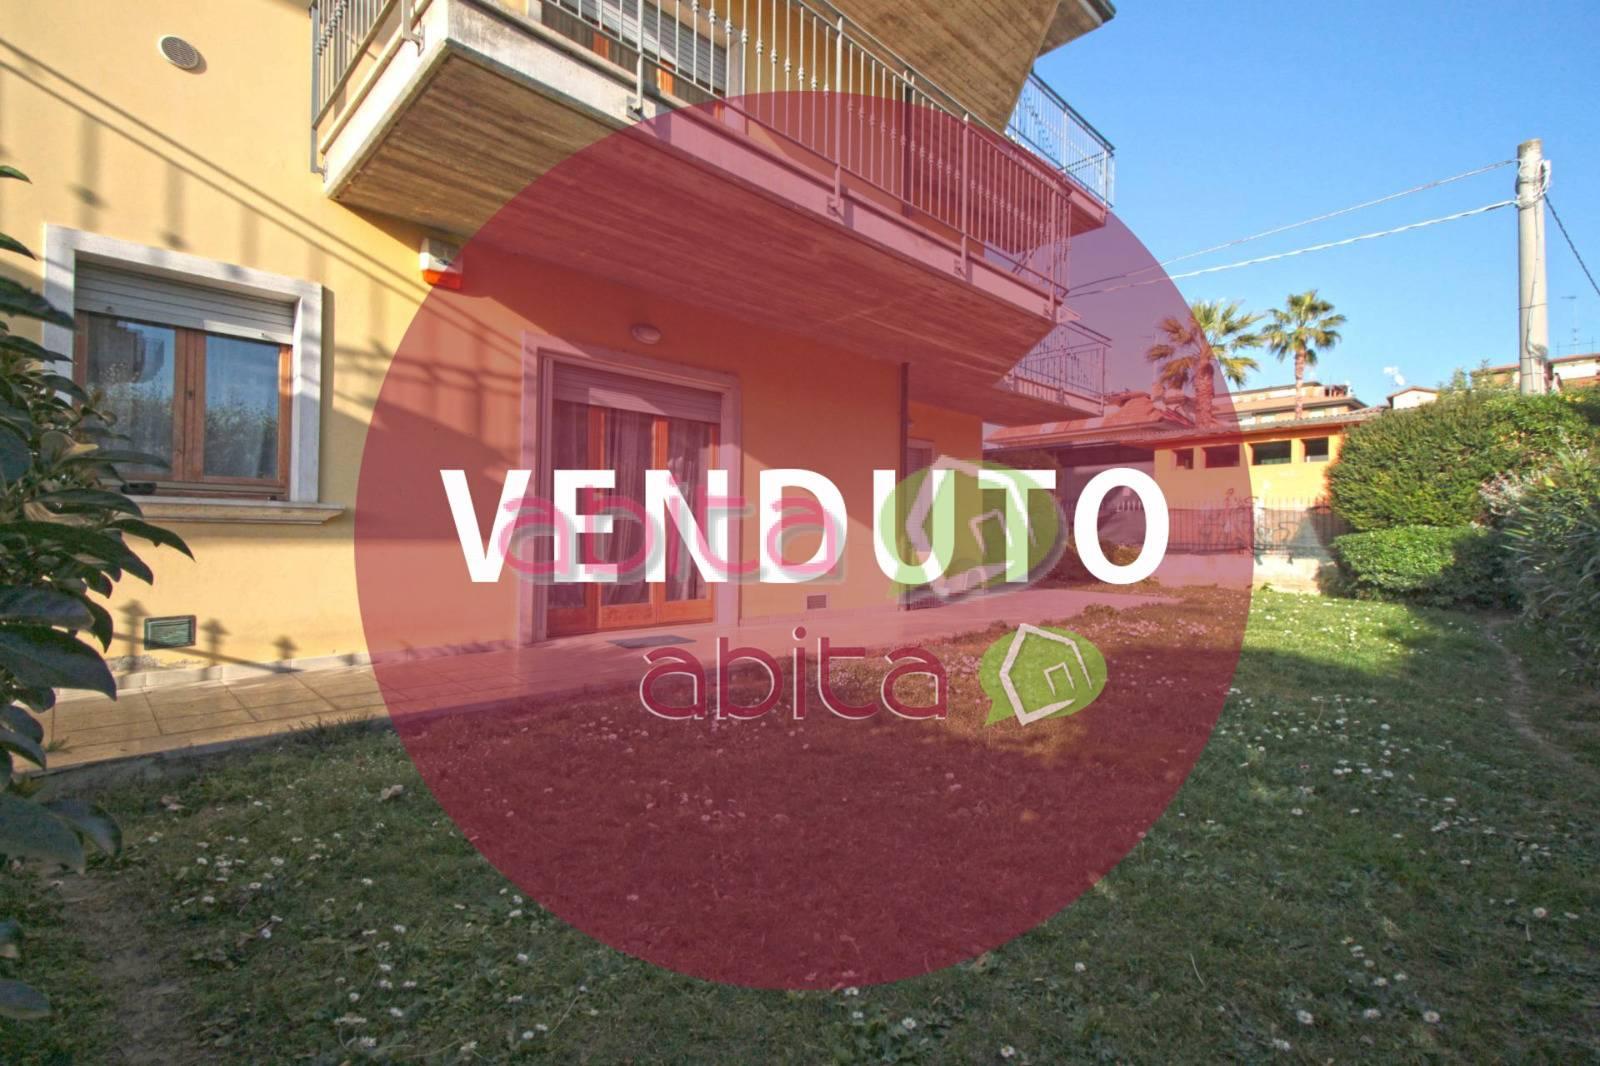 Appartamento in vendita a Spinetoli, 5 locali, zona Località: PagliaredelTronto, Trattative riservate   CambioCasa.it